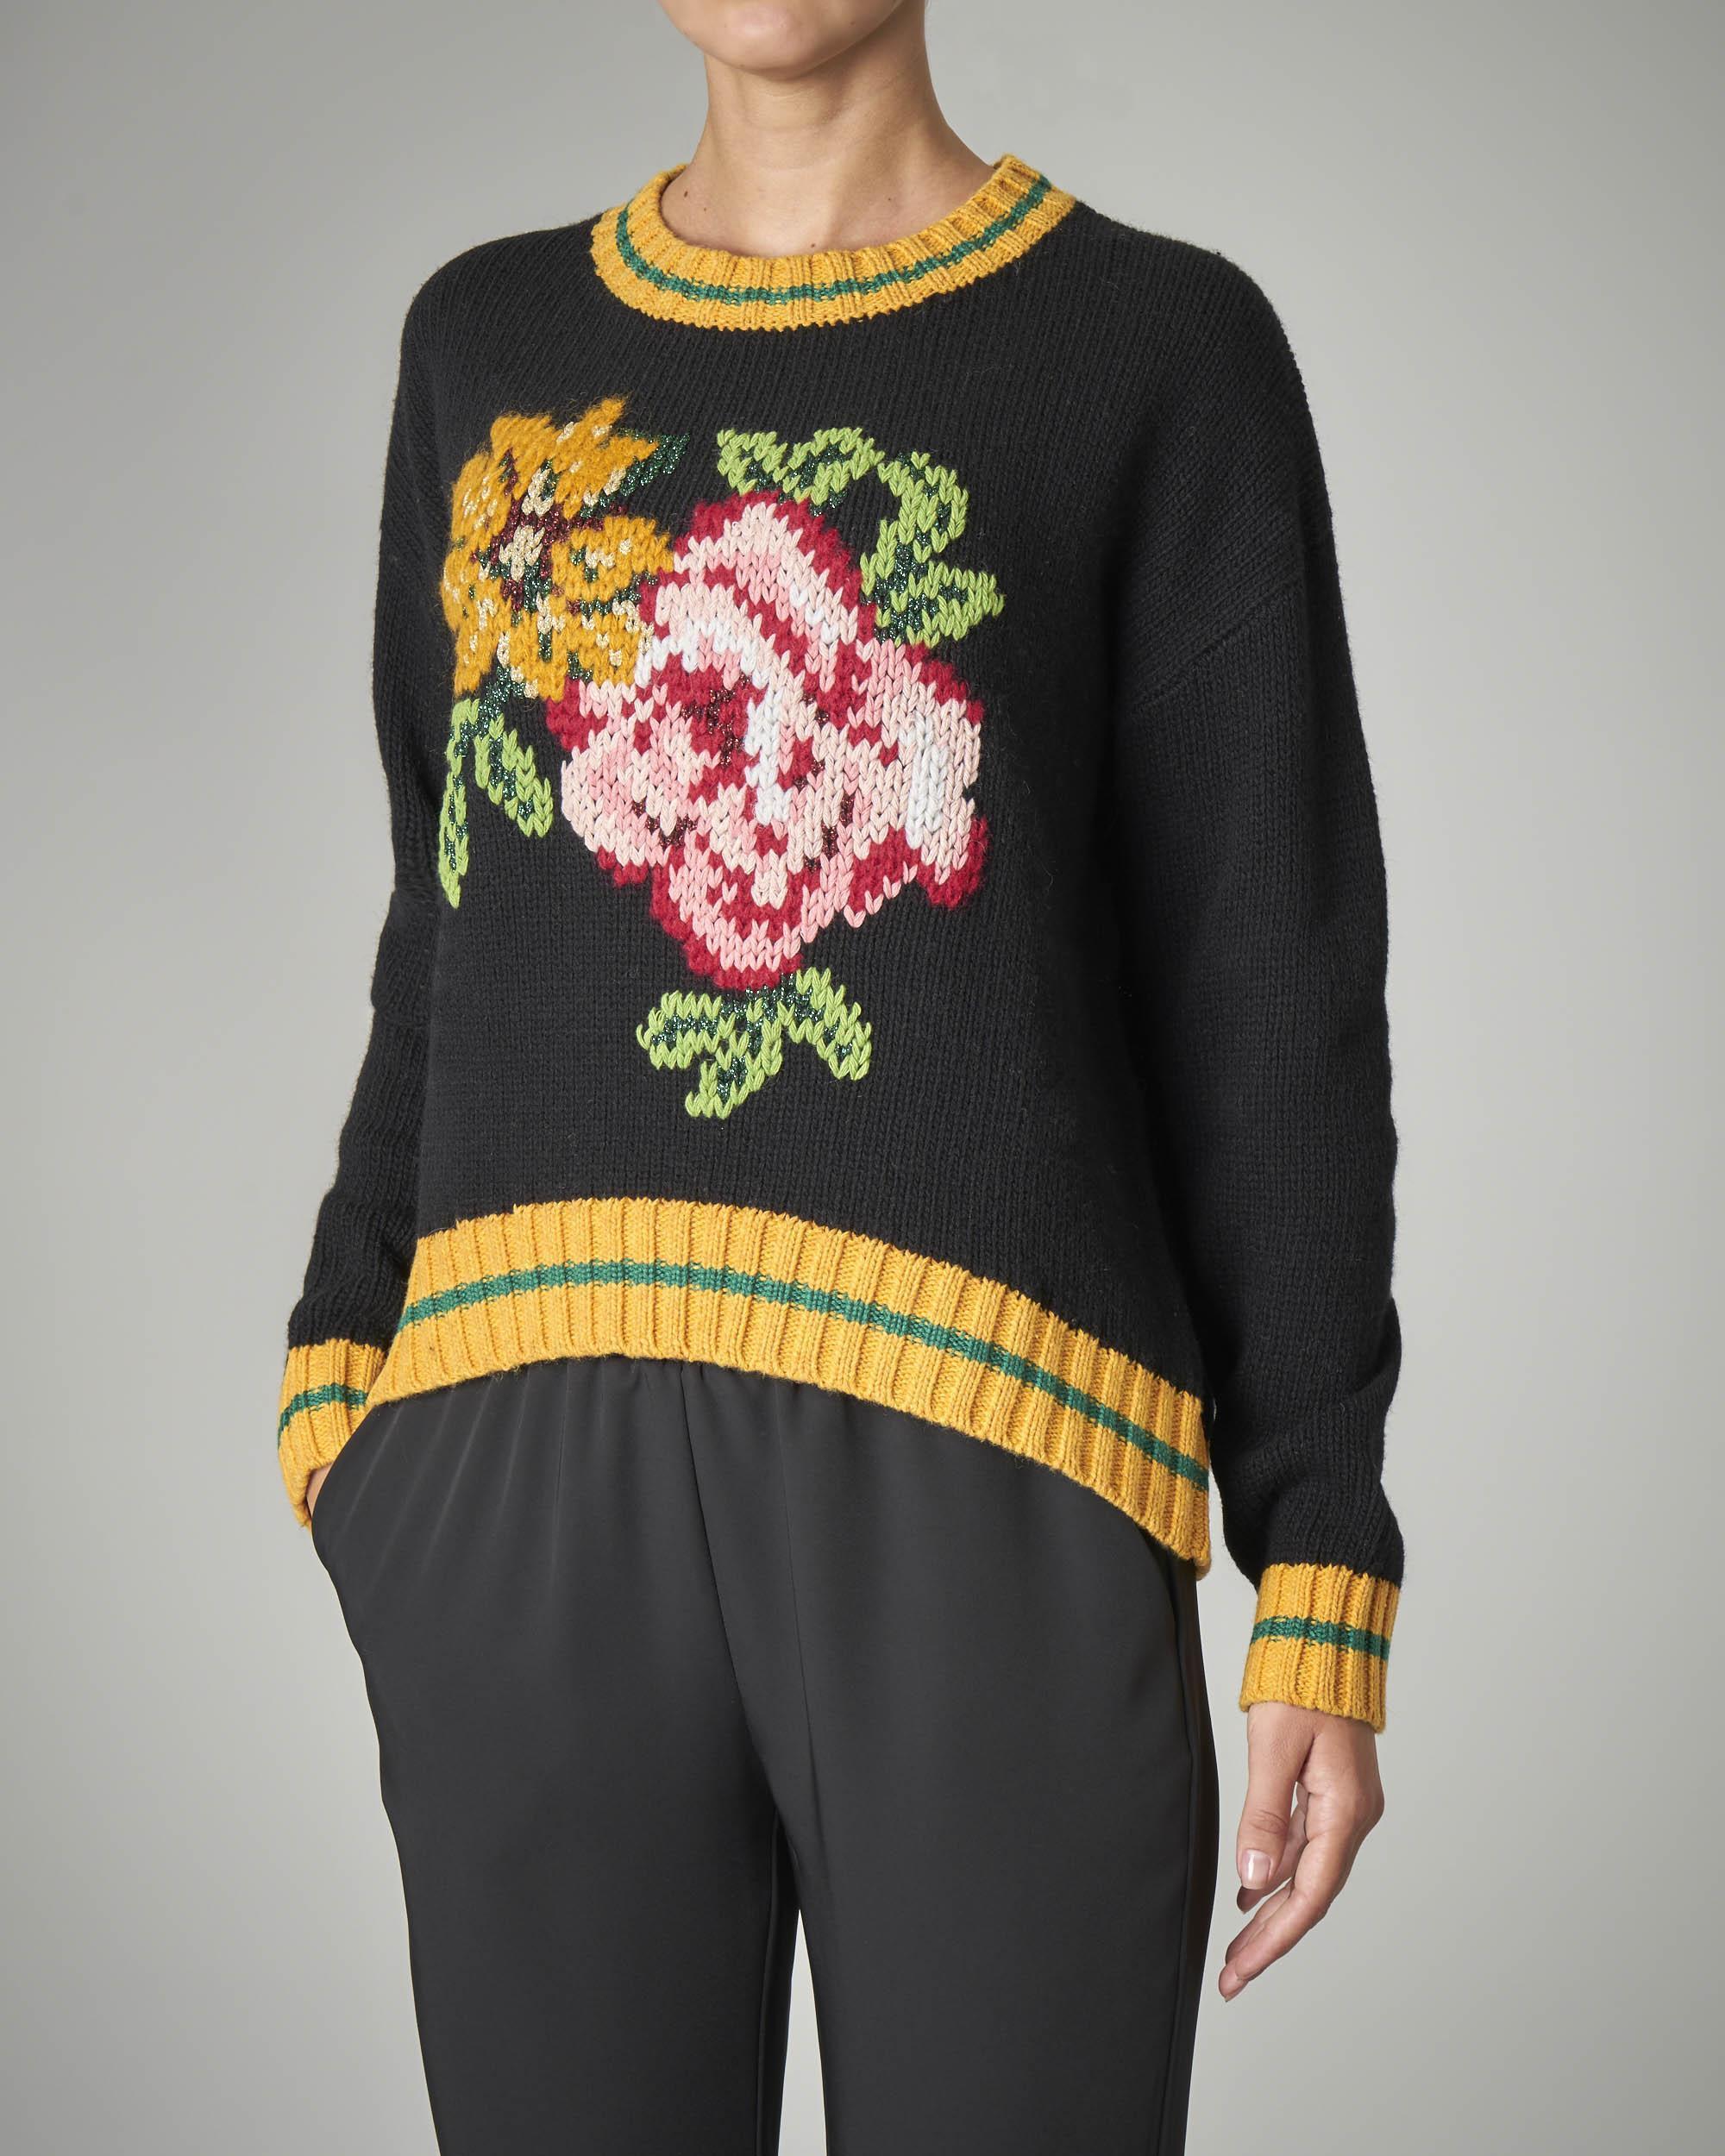 Maxi maglia nera in misto lana con fiore ricamato